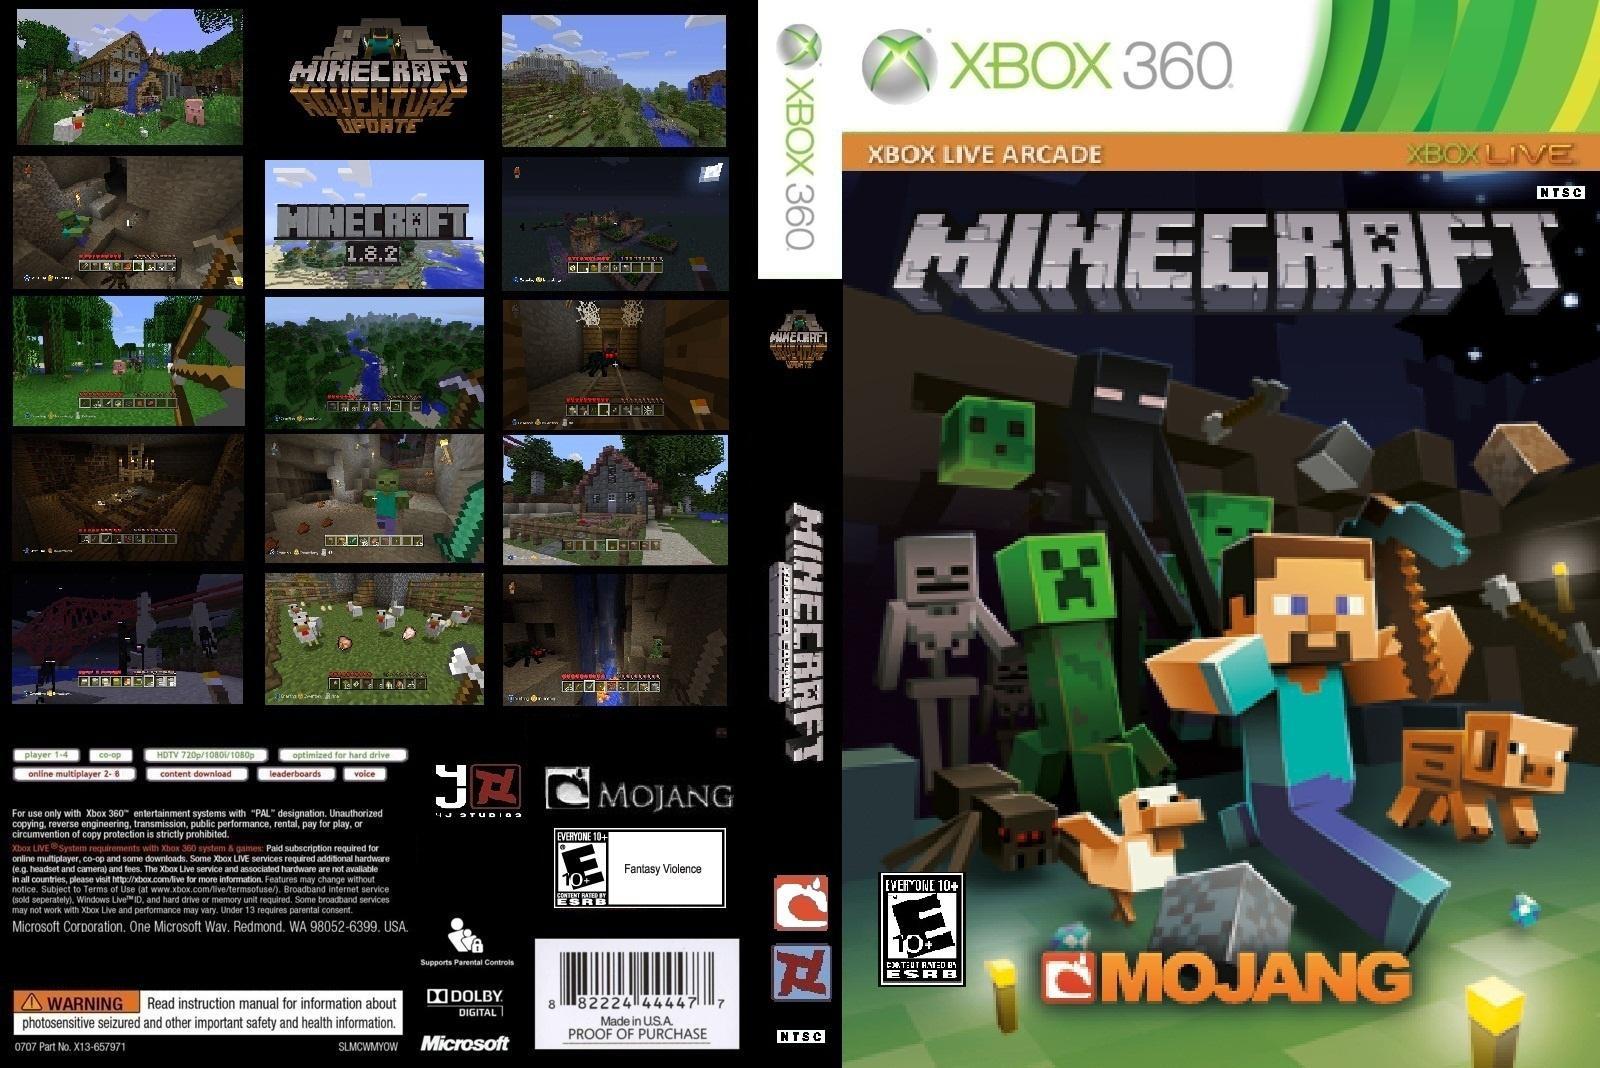 http://1.bp.blogspot.com/-dEE4T7KvLJY/UHa_1-G_o8I/AAAAAAAAUQY/wJX_yHvx-Kk/s1600/minecraft-xbox-360-edition-adventure-www.gamecover.com.br.jpg